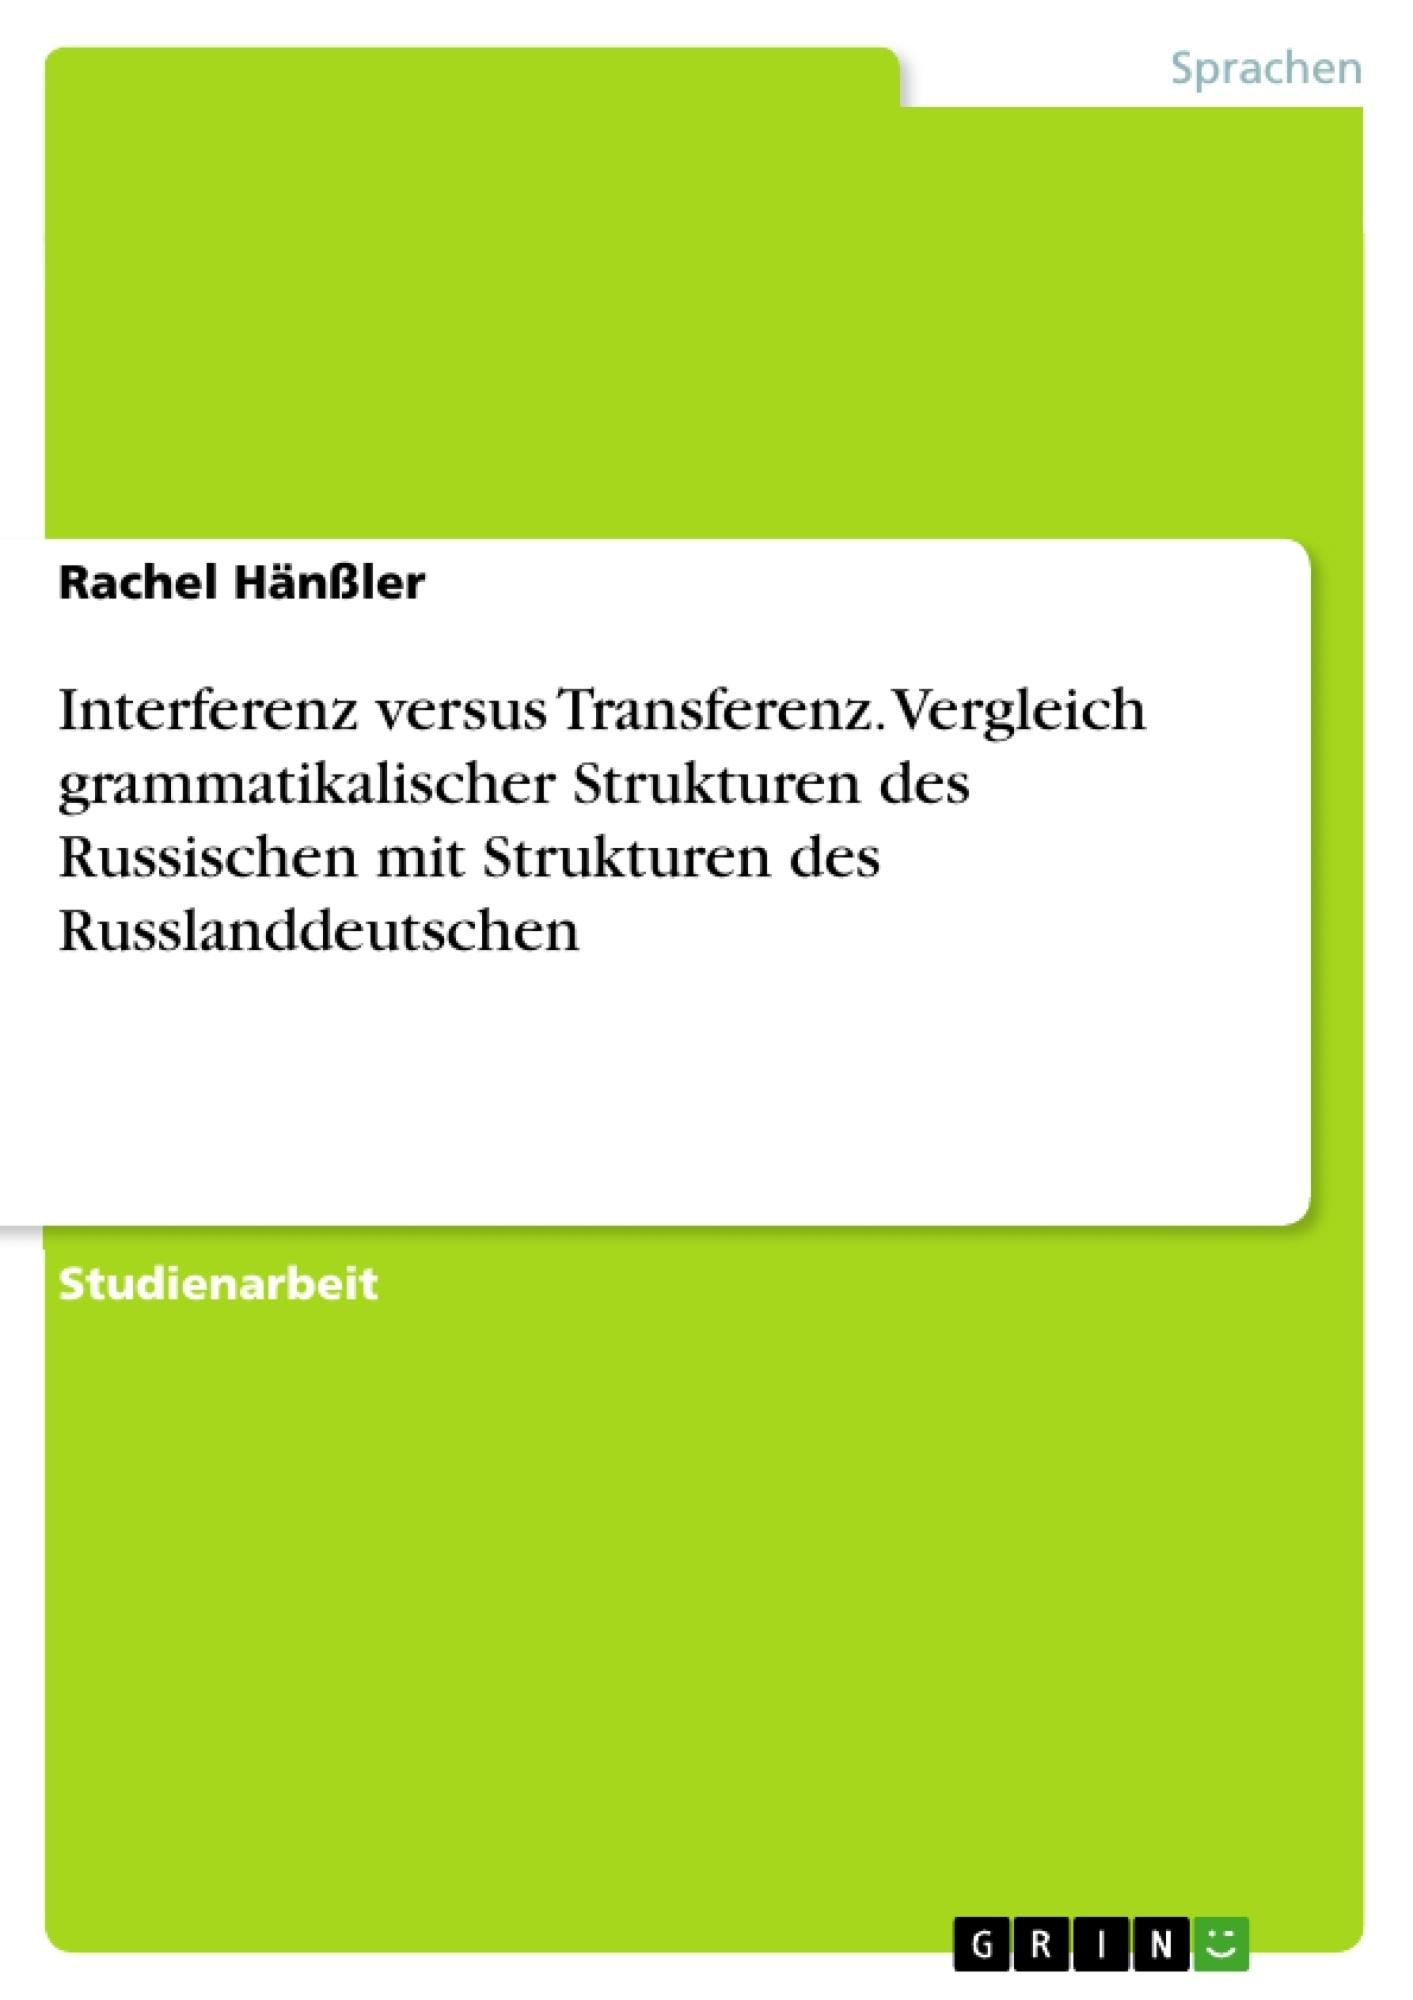 Titel: Interferenz versus Transferenz. Vergleich grammatikalischer Strukturen des Russischen mit Strukturen des Russlanddeutschen